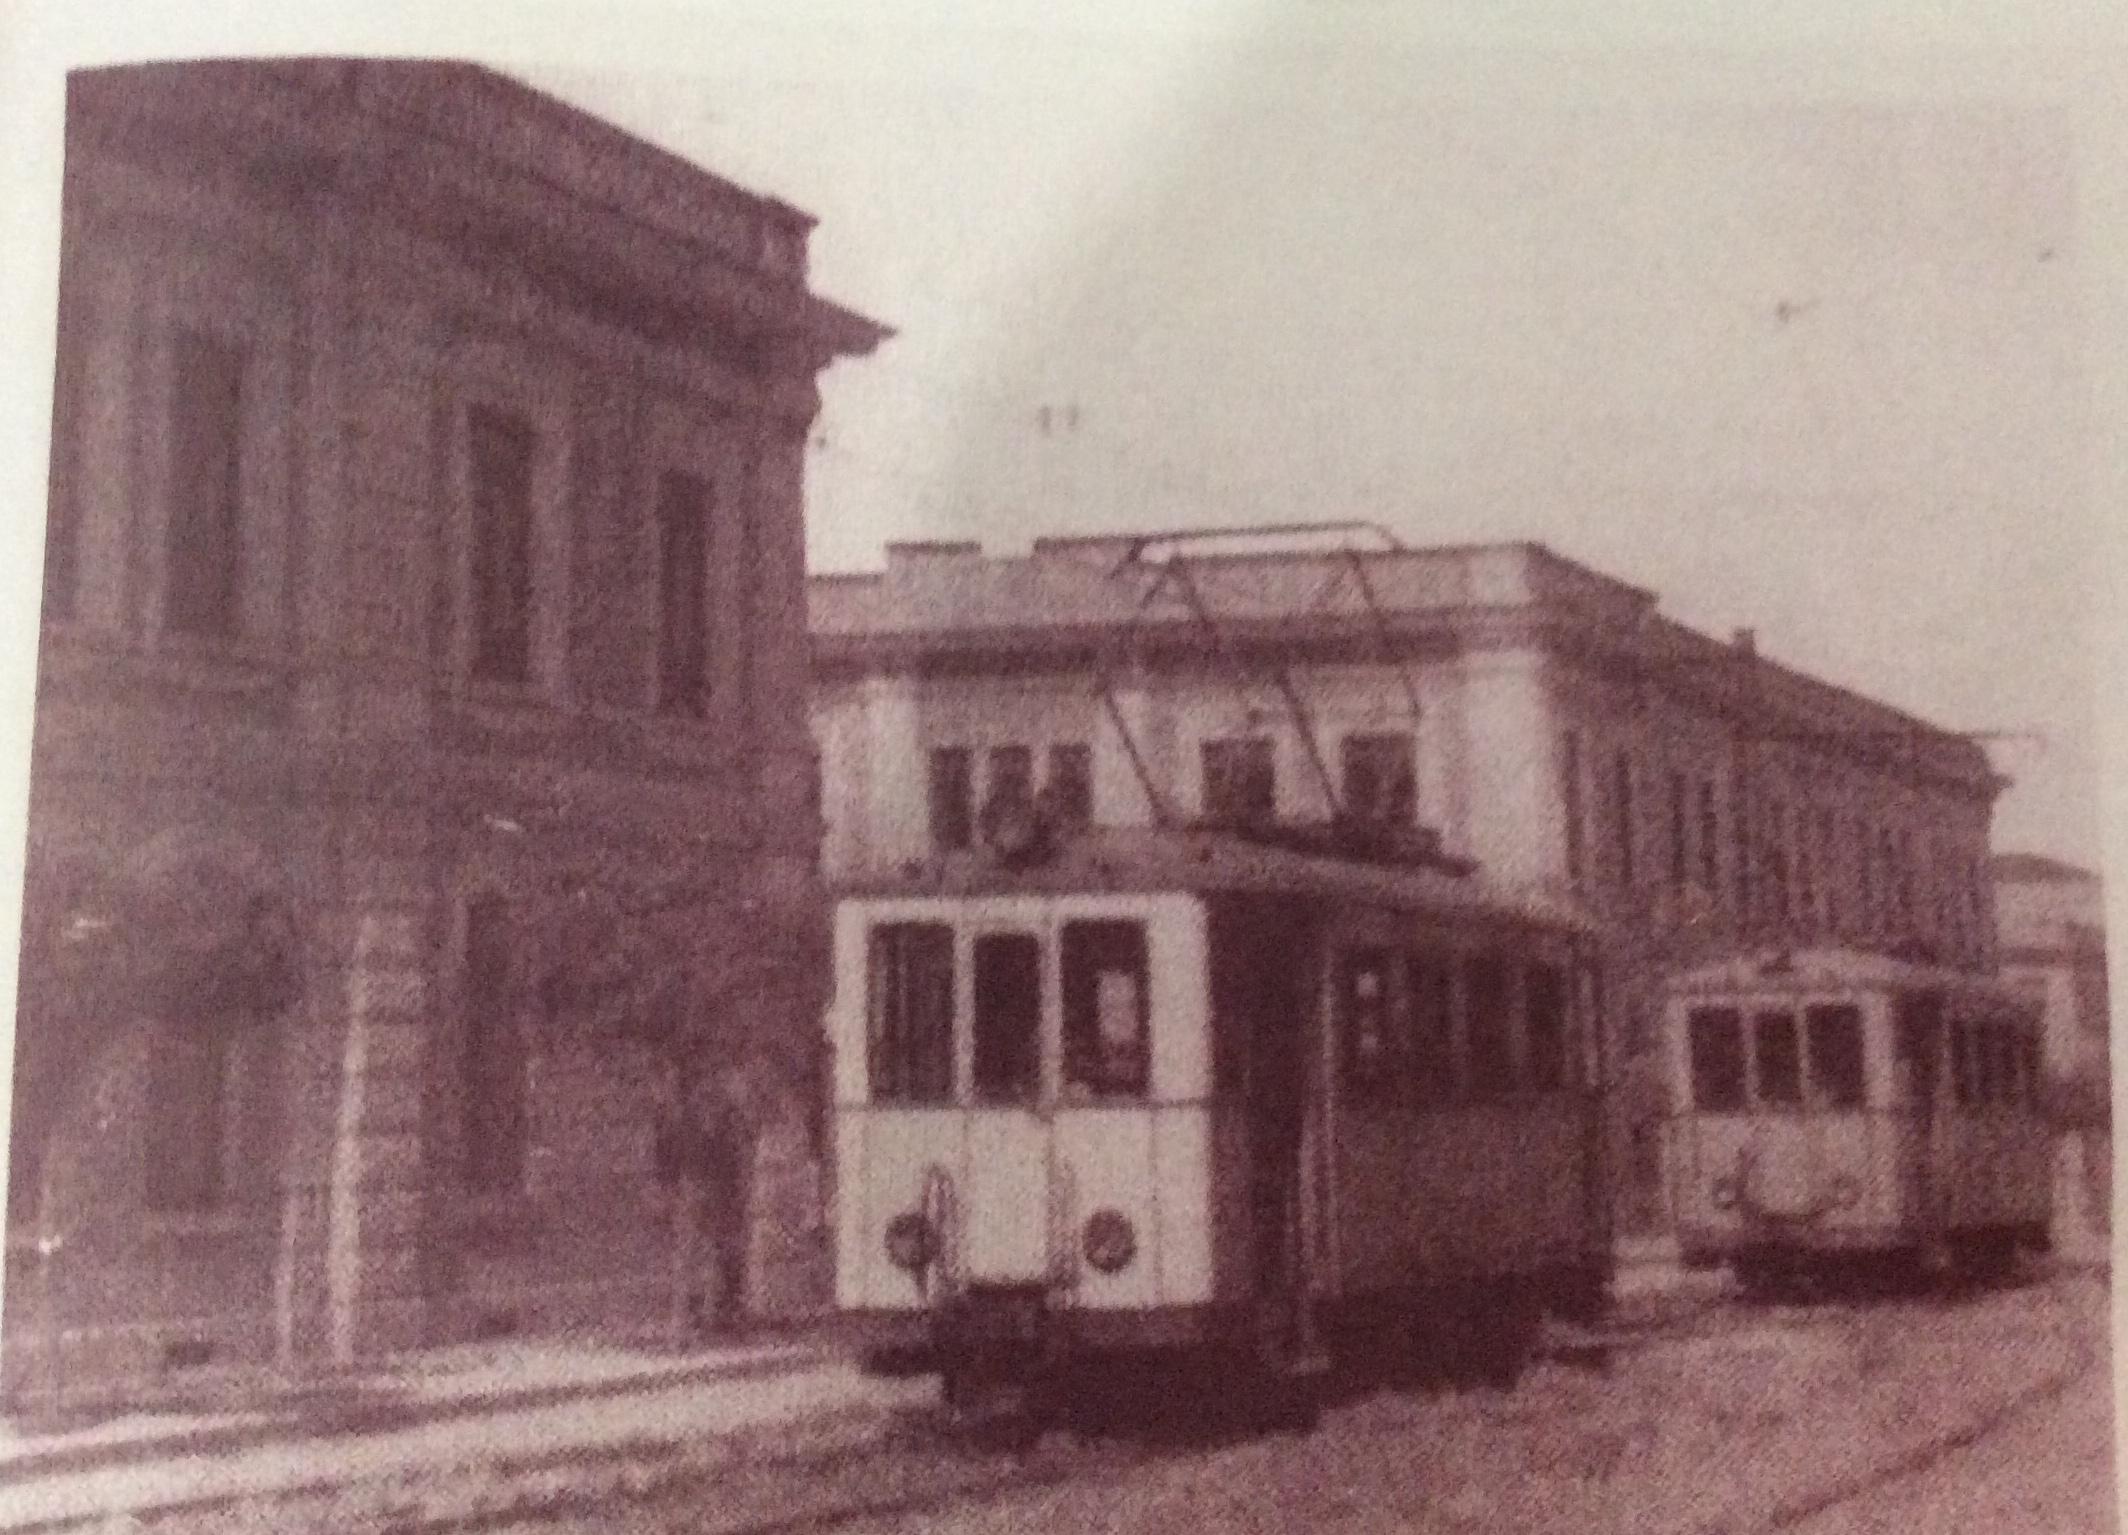 C'ERA UNA VOLTA IL TRAM!  30 Agosto 1925: corsa inaugurale della Tranvia Torremaggiore-San Severo.